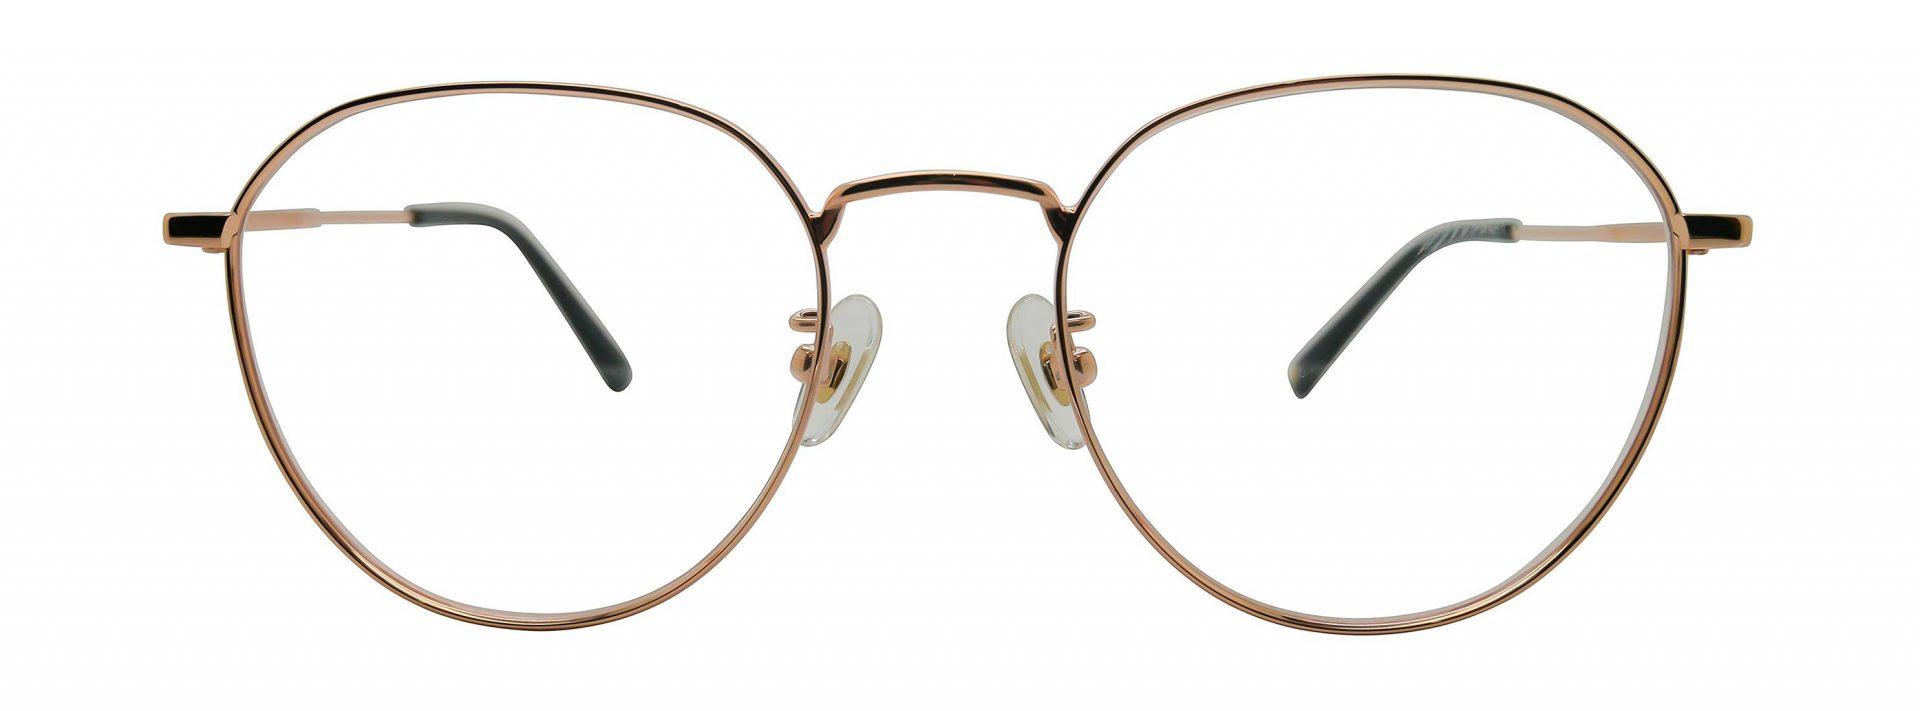 Elle Spectacles 14418 01